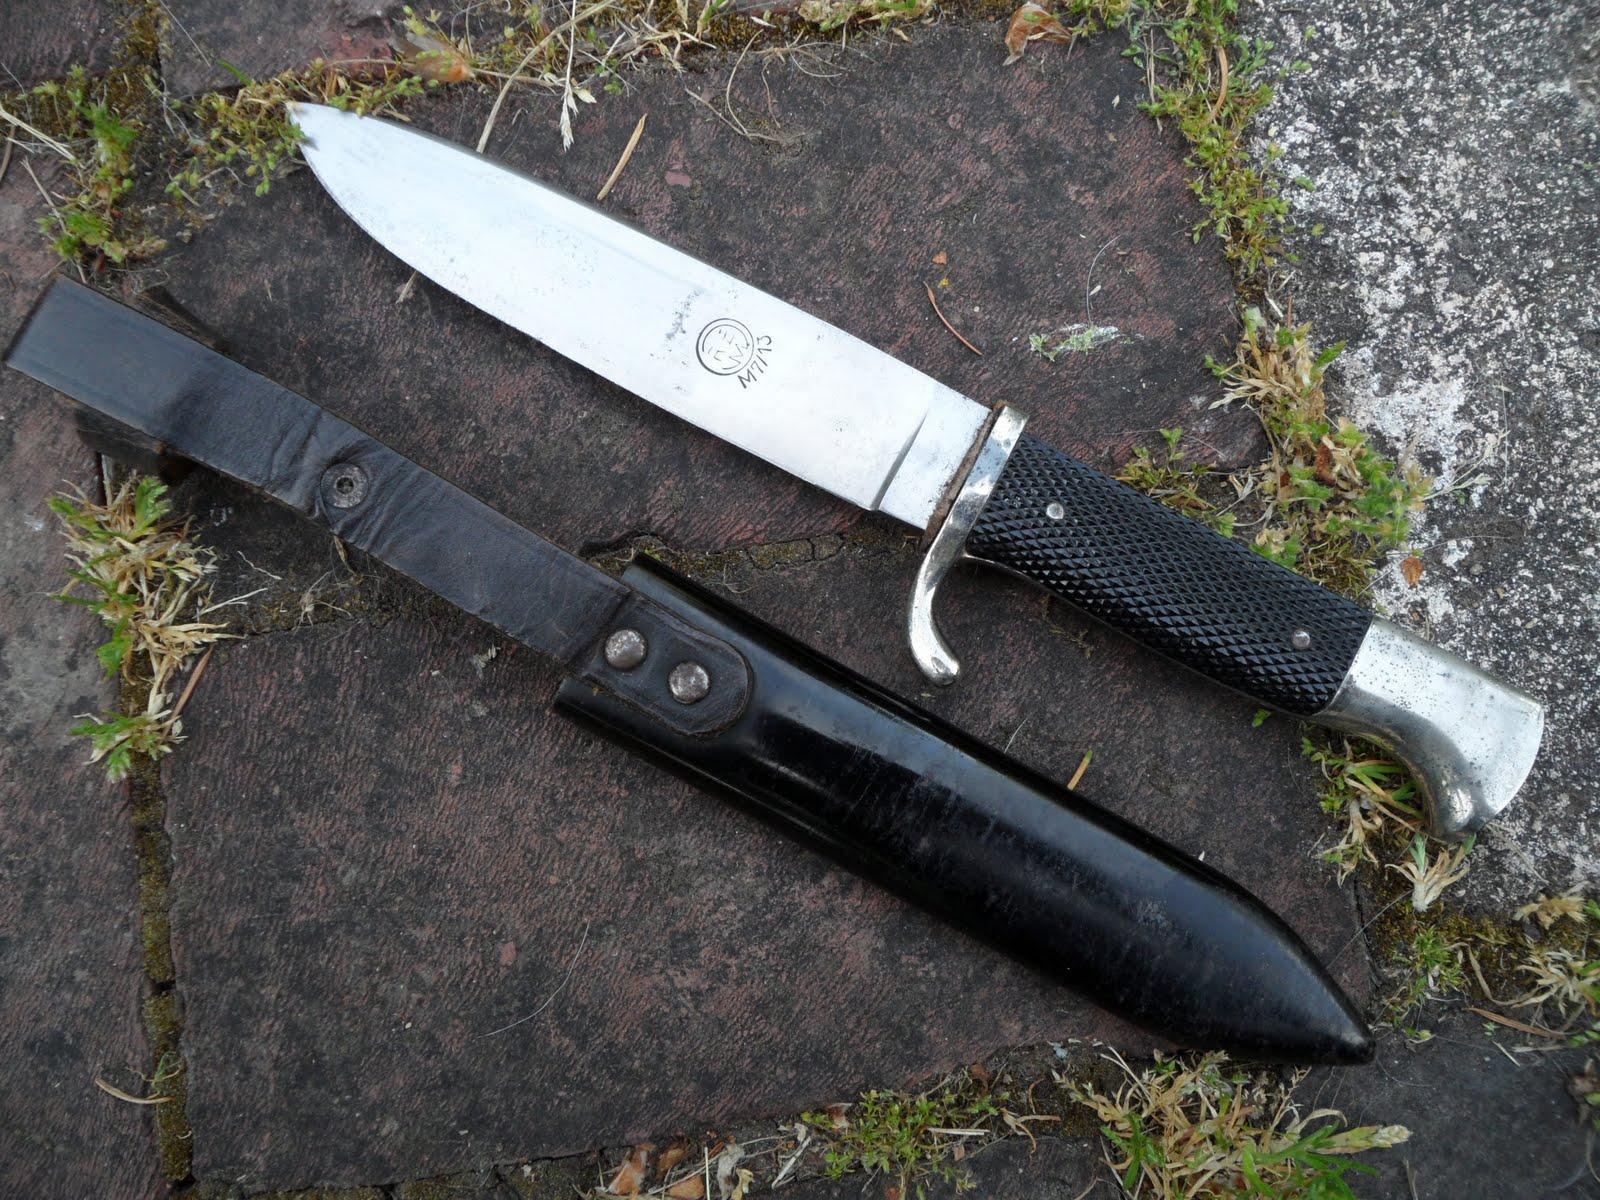 Four Bees: Hitler Jugend Messer, Hitler Youth Knife